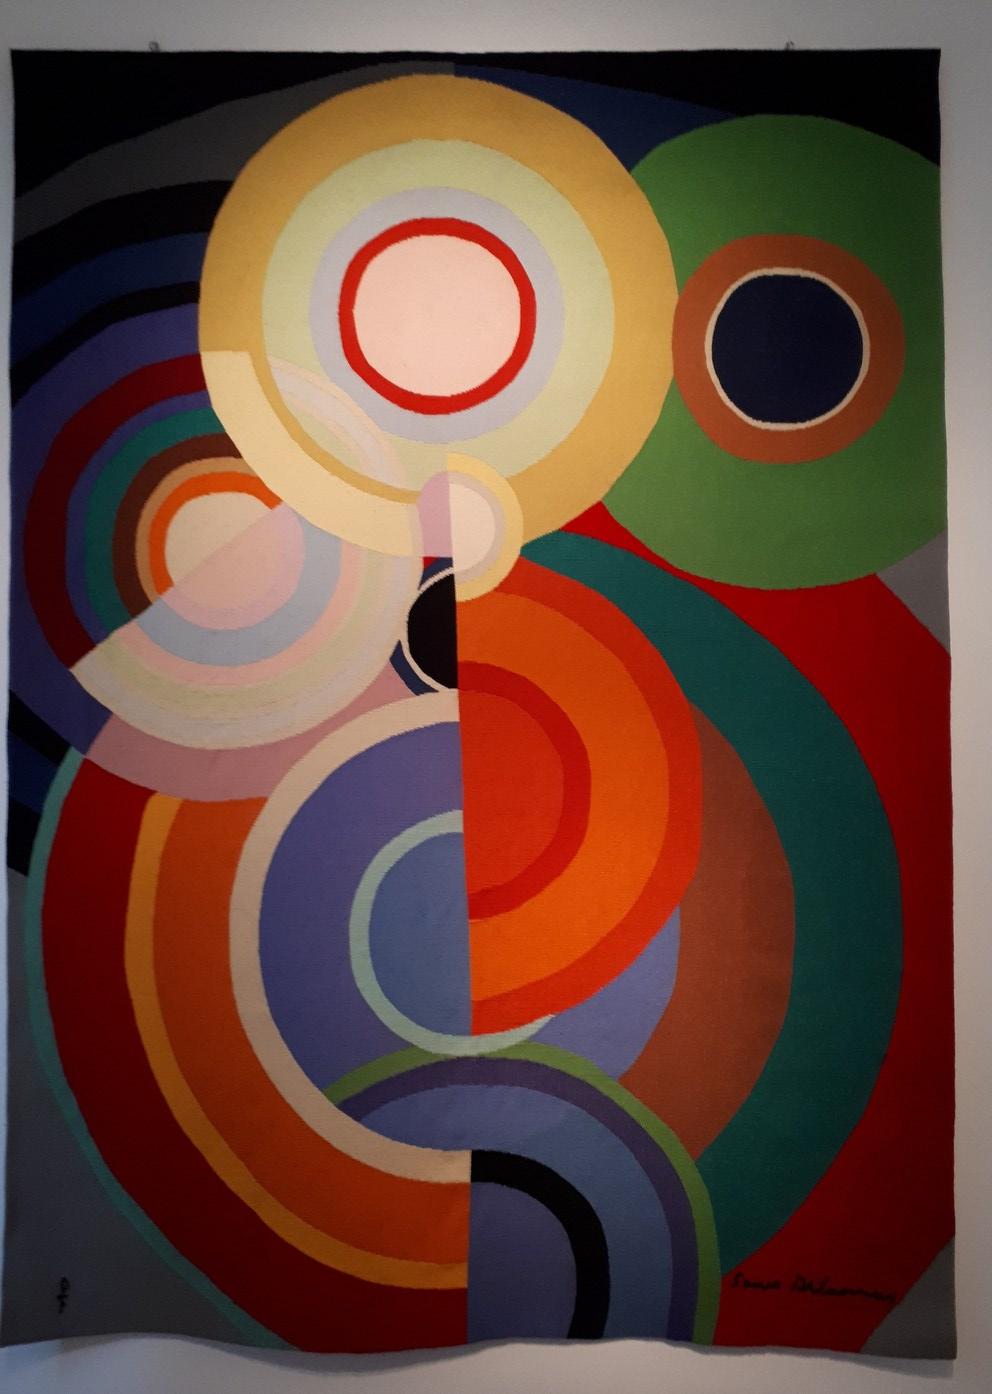 Sonia Delaunay, Automne r